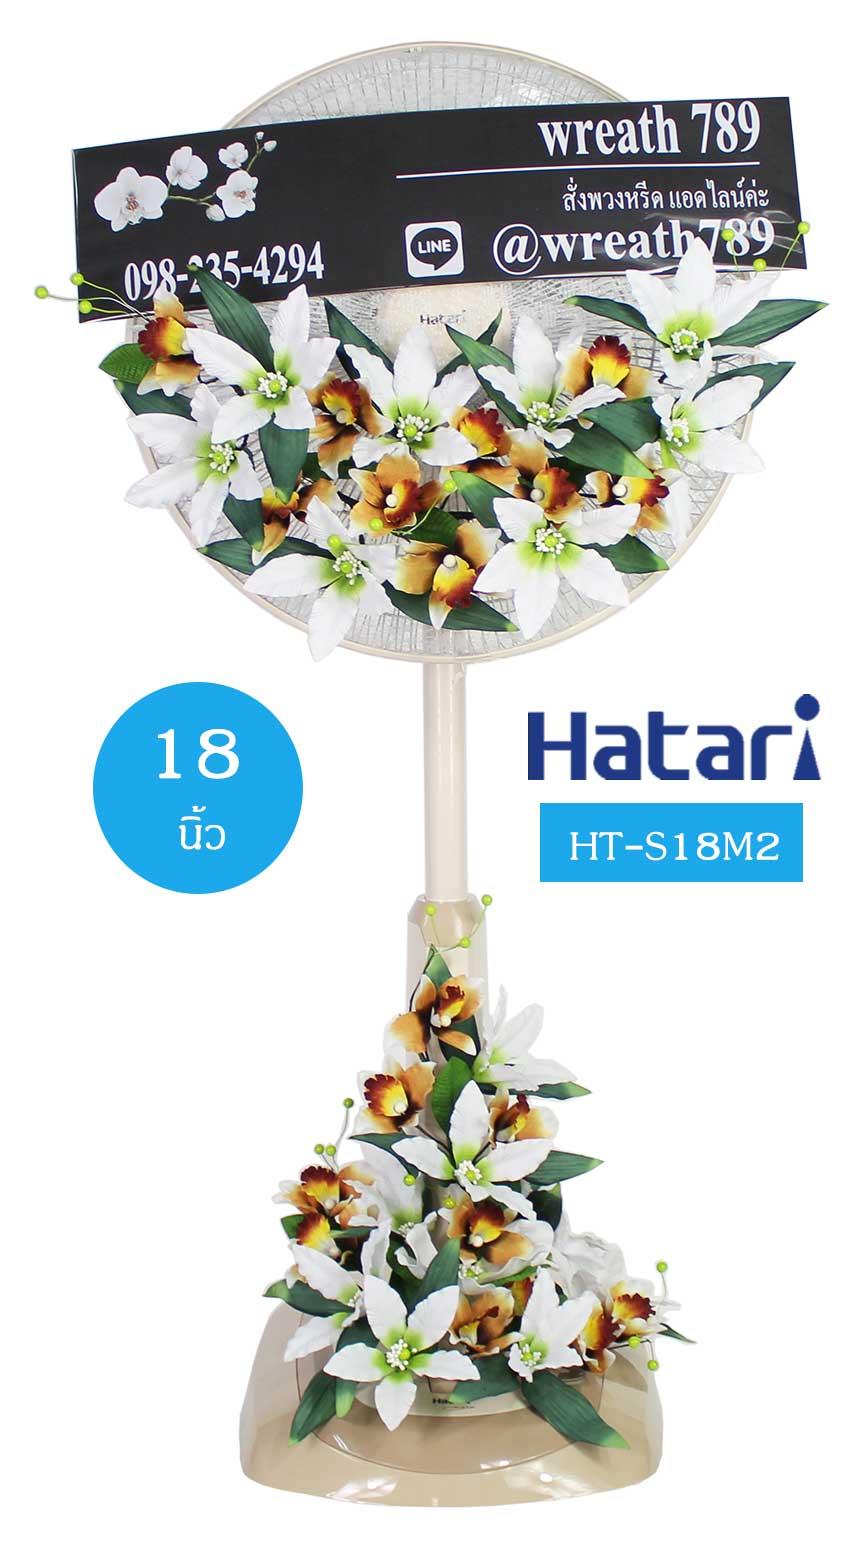 พวงหรีดพัดลม แบบที่611b ขนาด 18นิ้ว ดอกไม้โทนสีม่วง